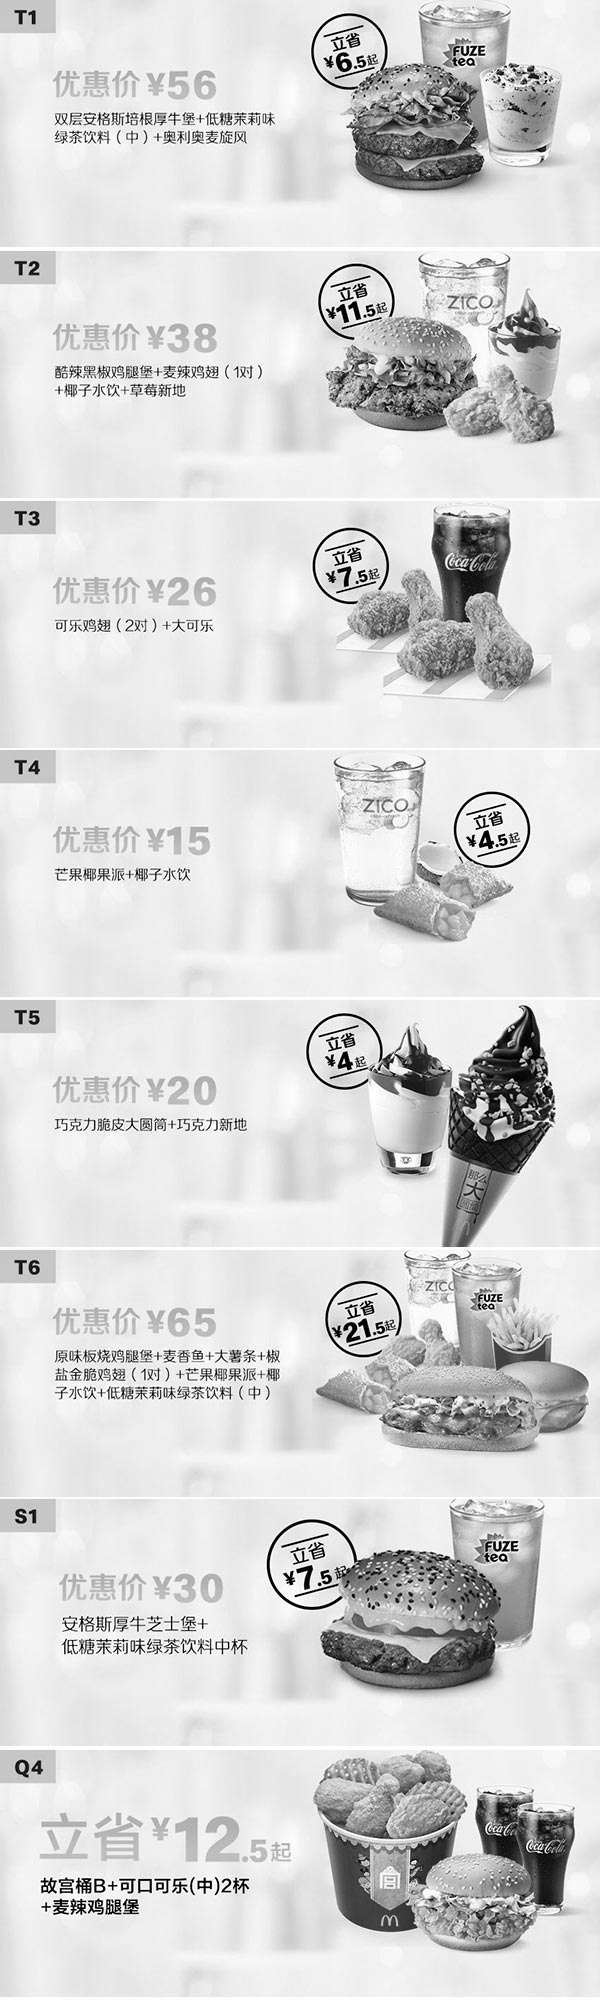 黑白优惠券图片:麦当劳优惠券2019年9月5日至24日手机版整张,八款优惠共省75.5元起 - www.5ikfc.com